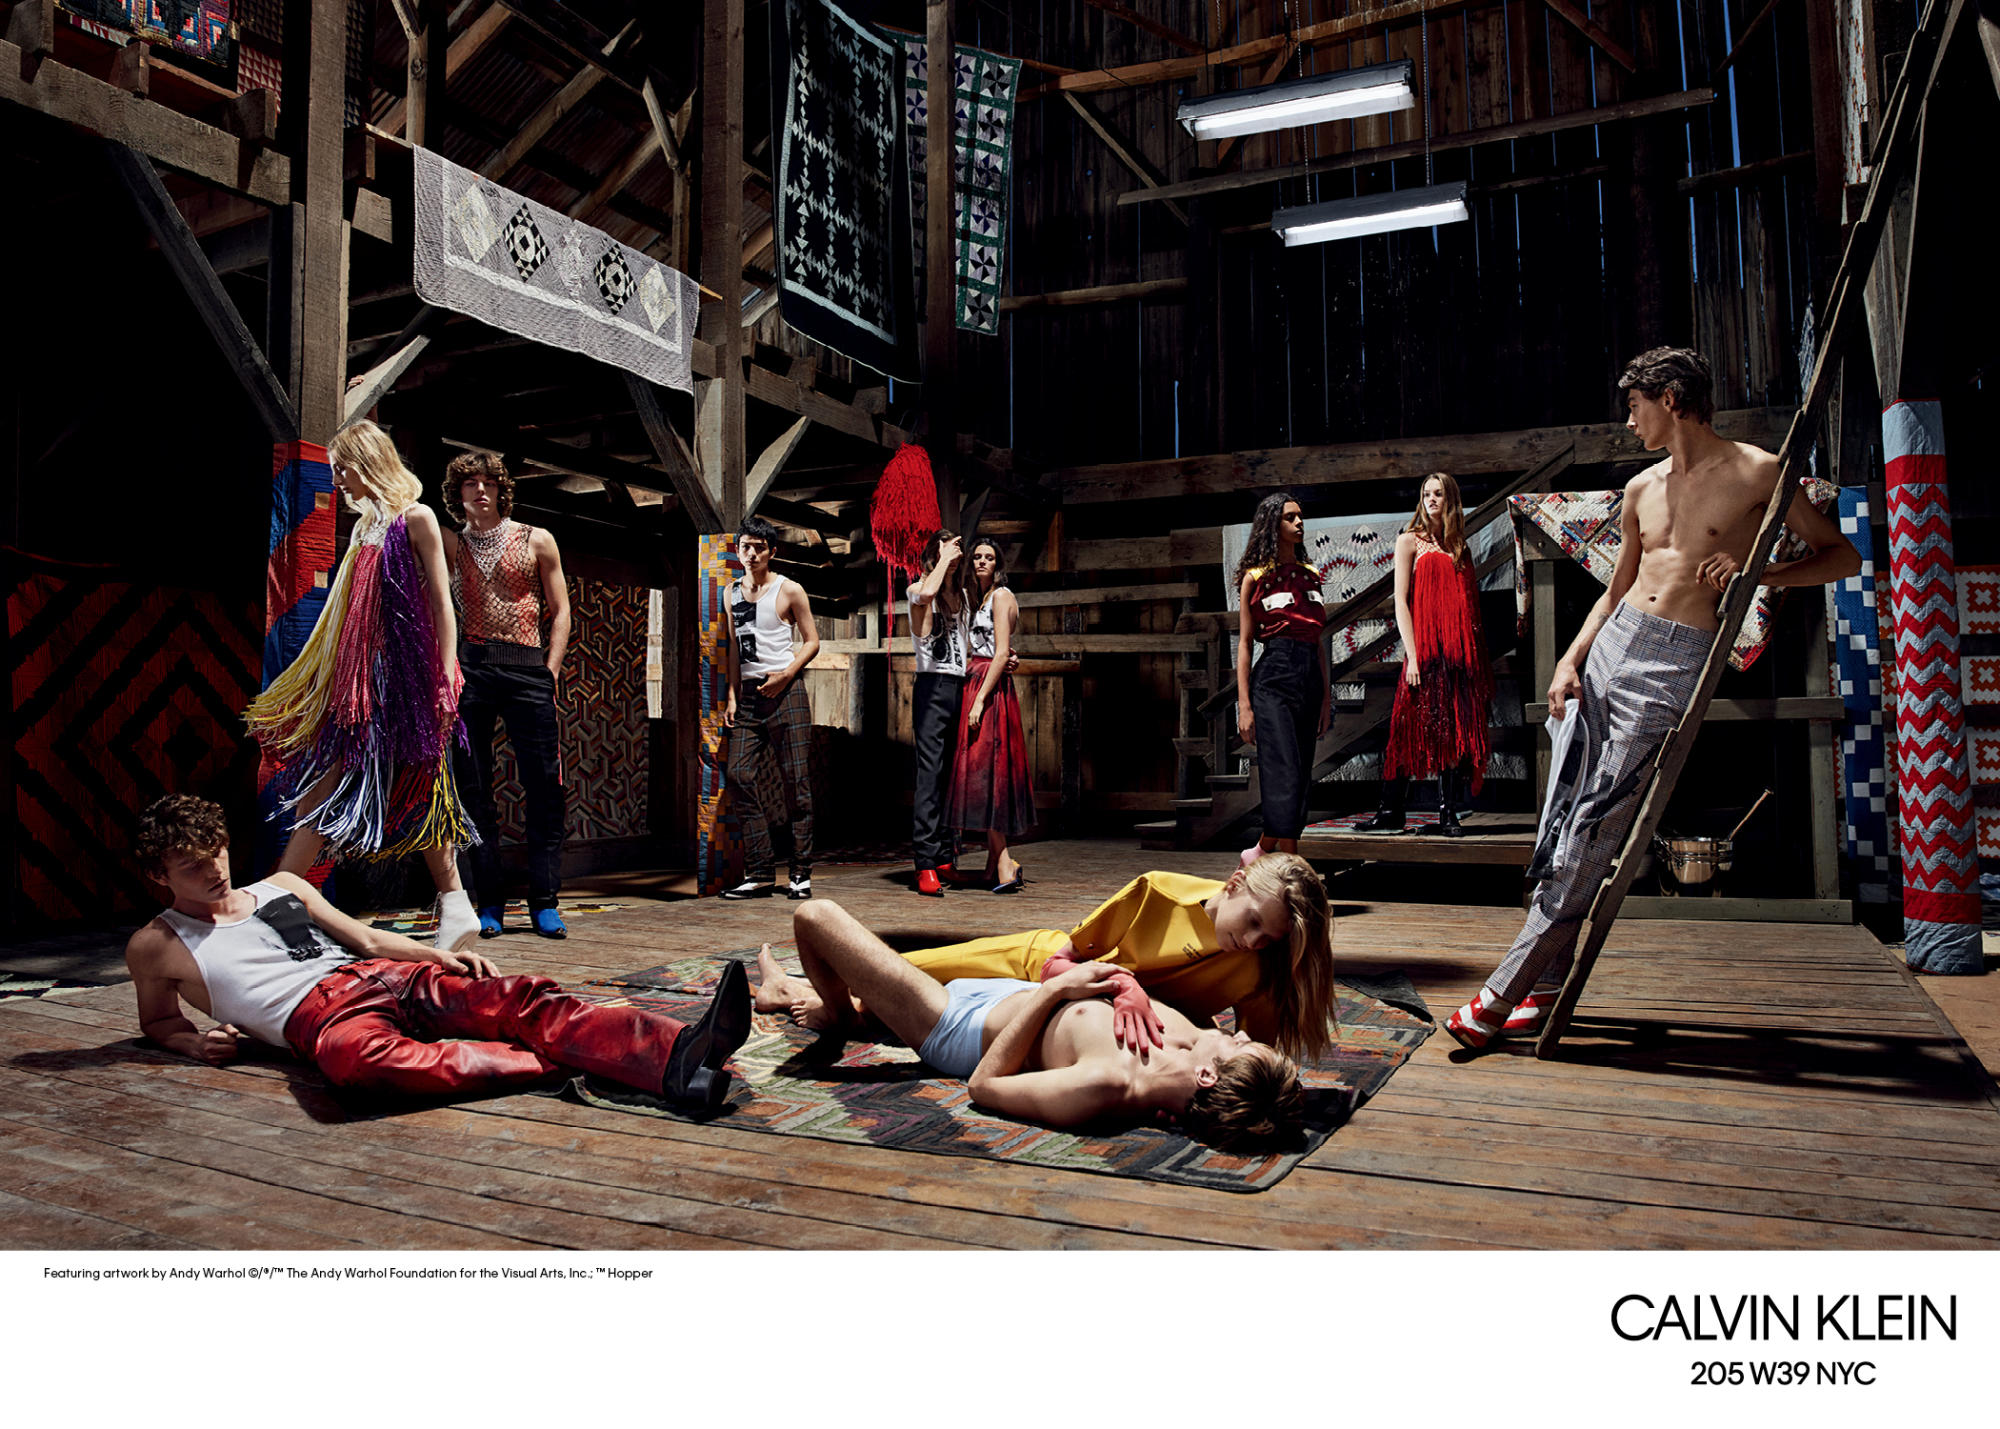 Calvin Klein 2018 S/S AD campaign